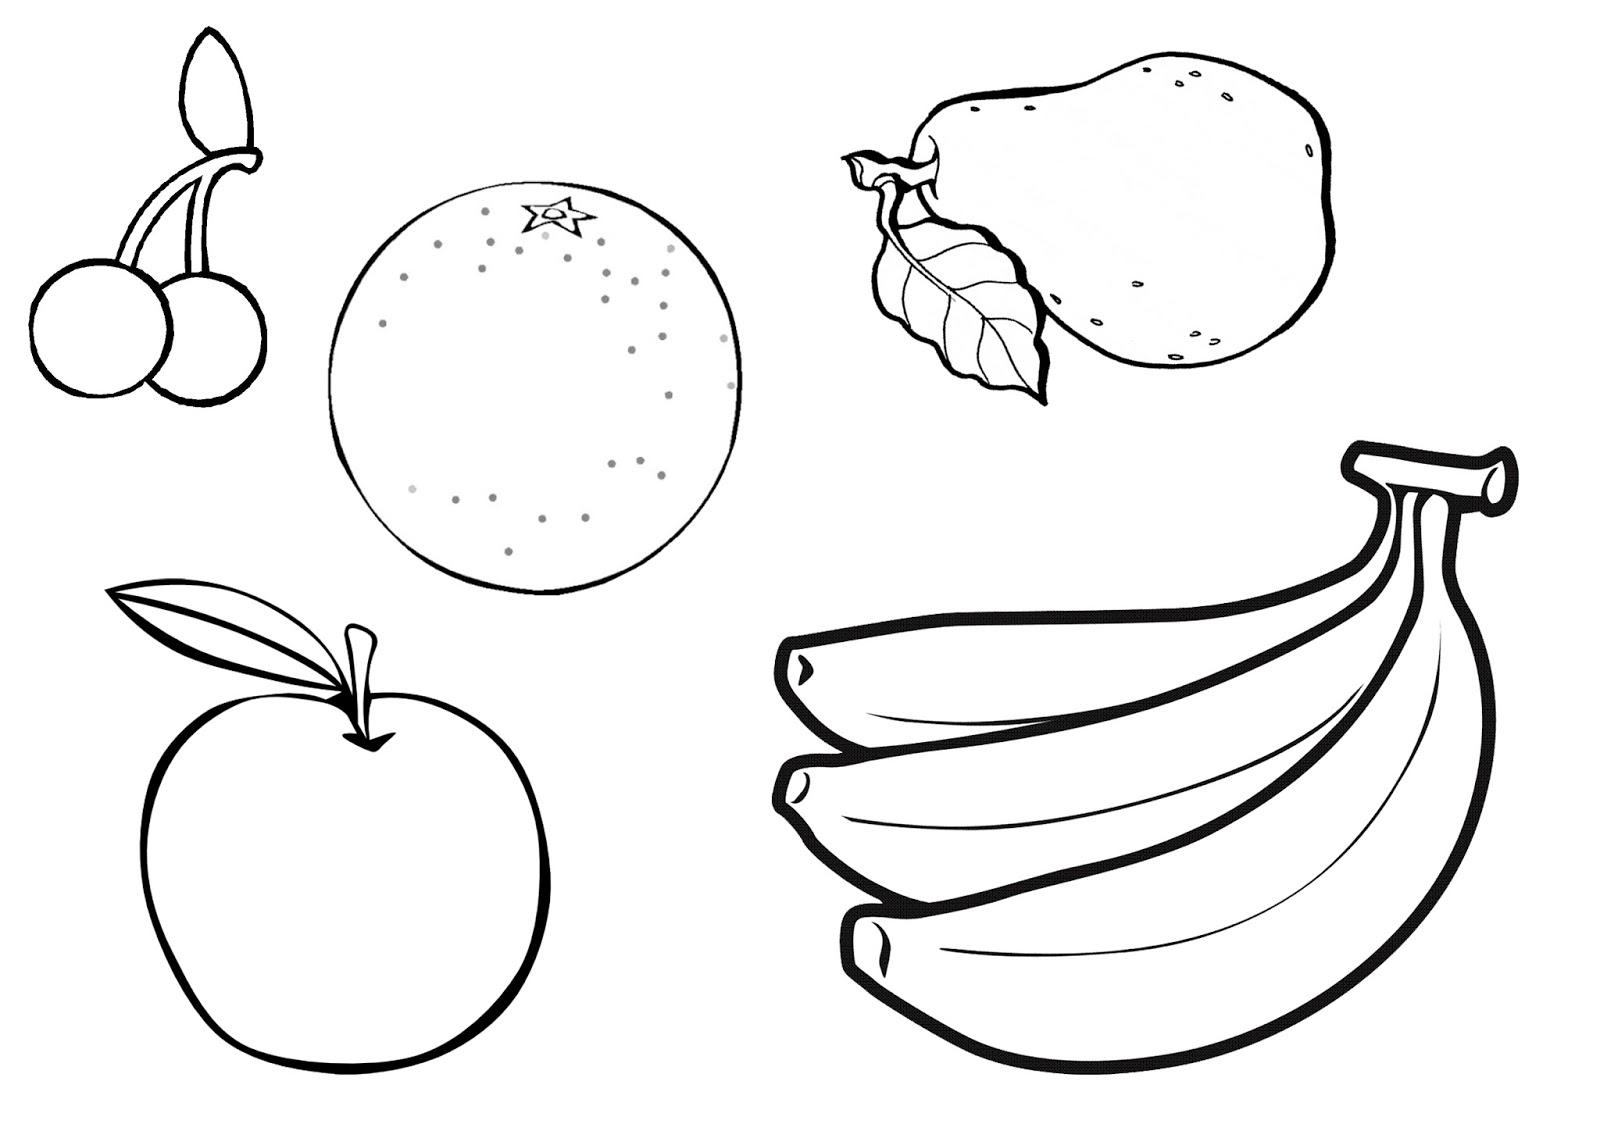 Fruit bowl coloring pictures - Esl Fruit Bowl